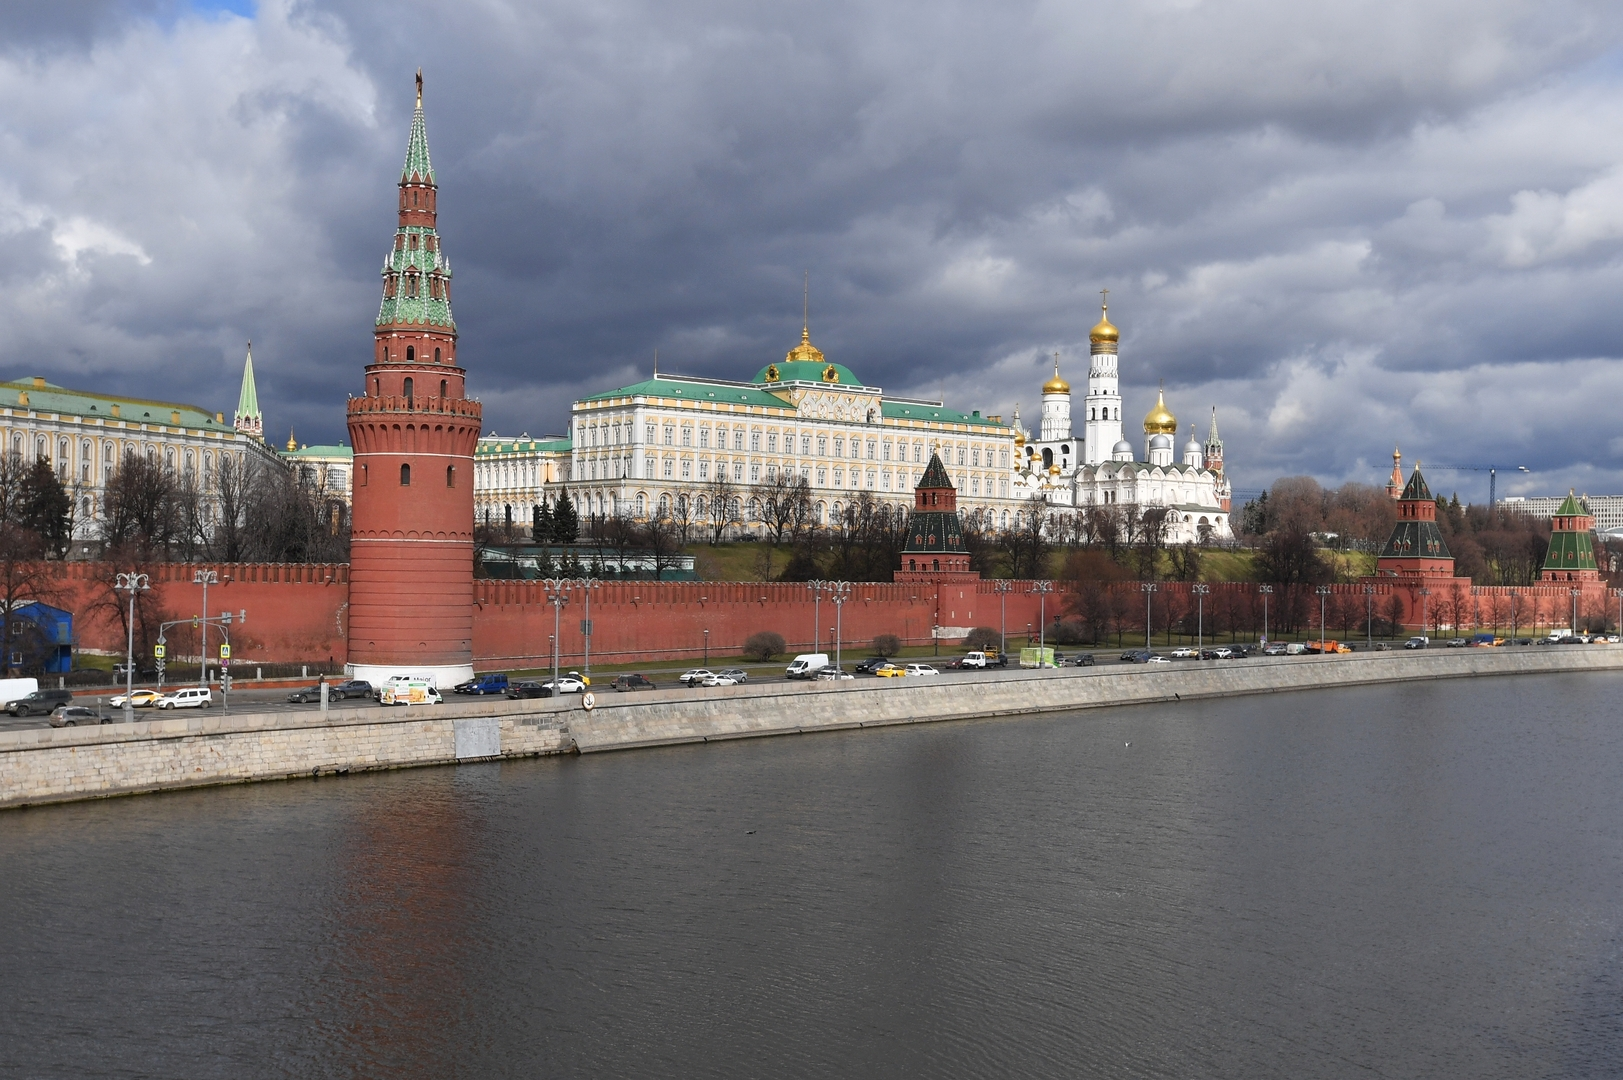 الكرملين حول قمة تطوير لقاح ضد كورونا: الملف يخص بدرجة أكبر وزارة الصحة الروسية